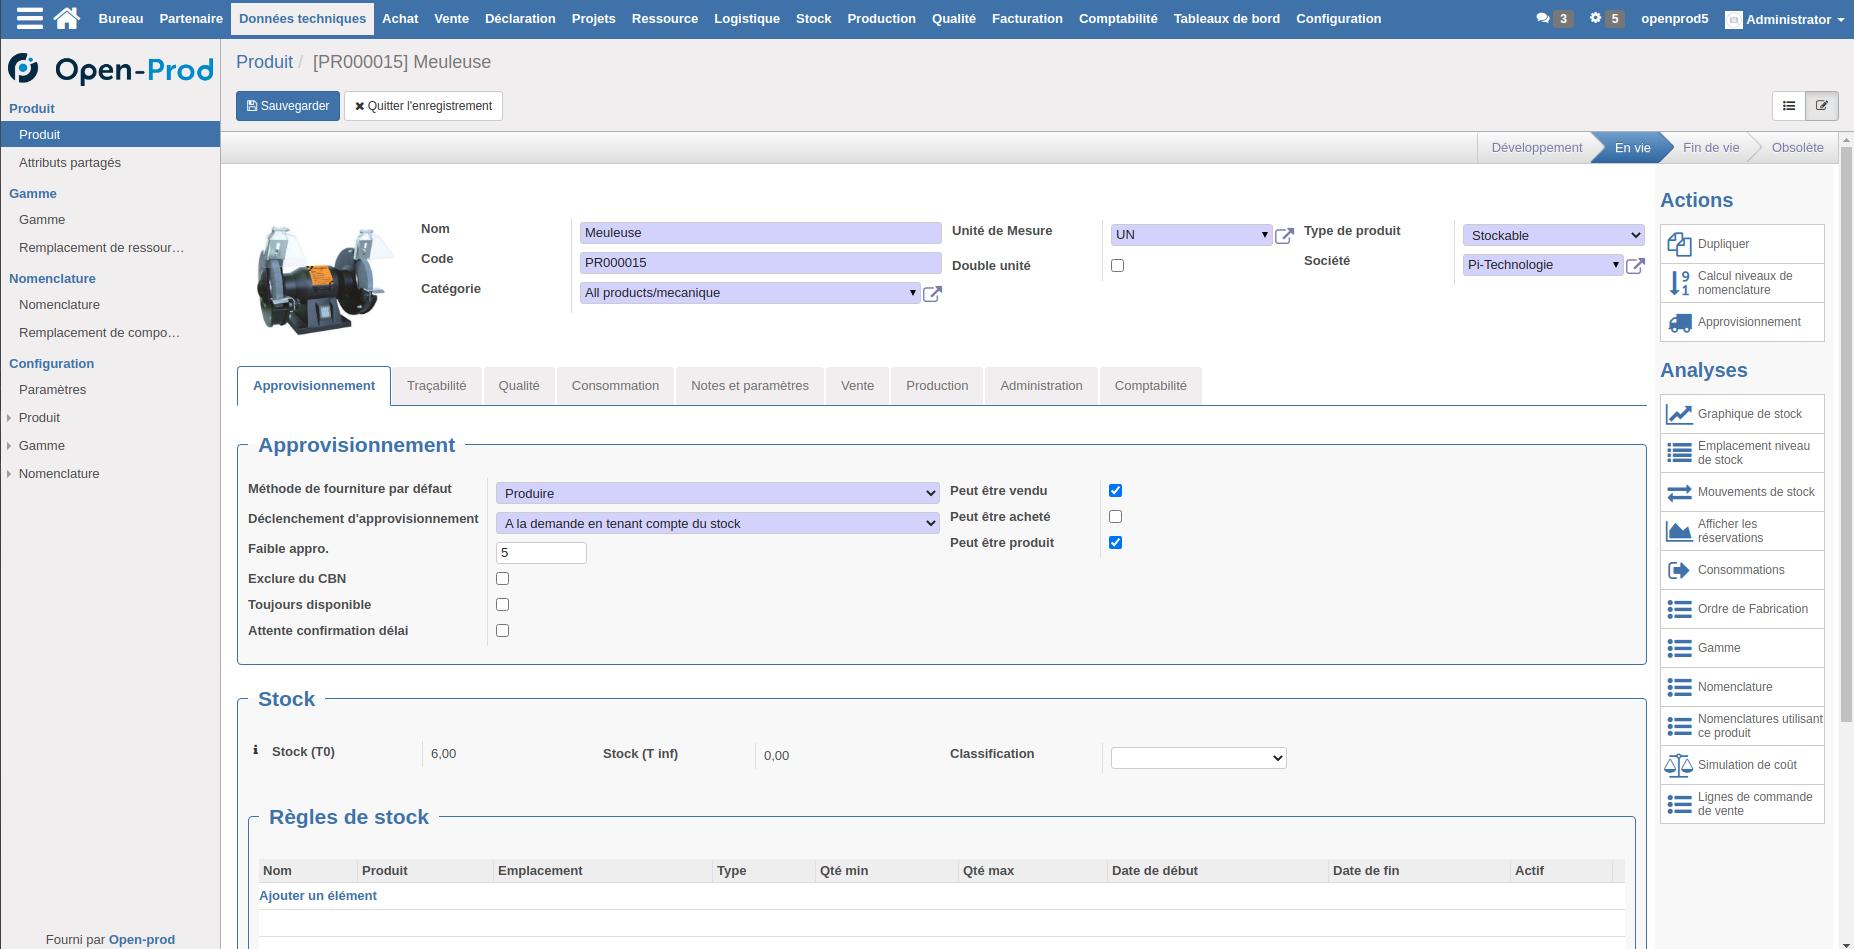 Interface de création d'un produit dans l'ERP